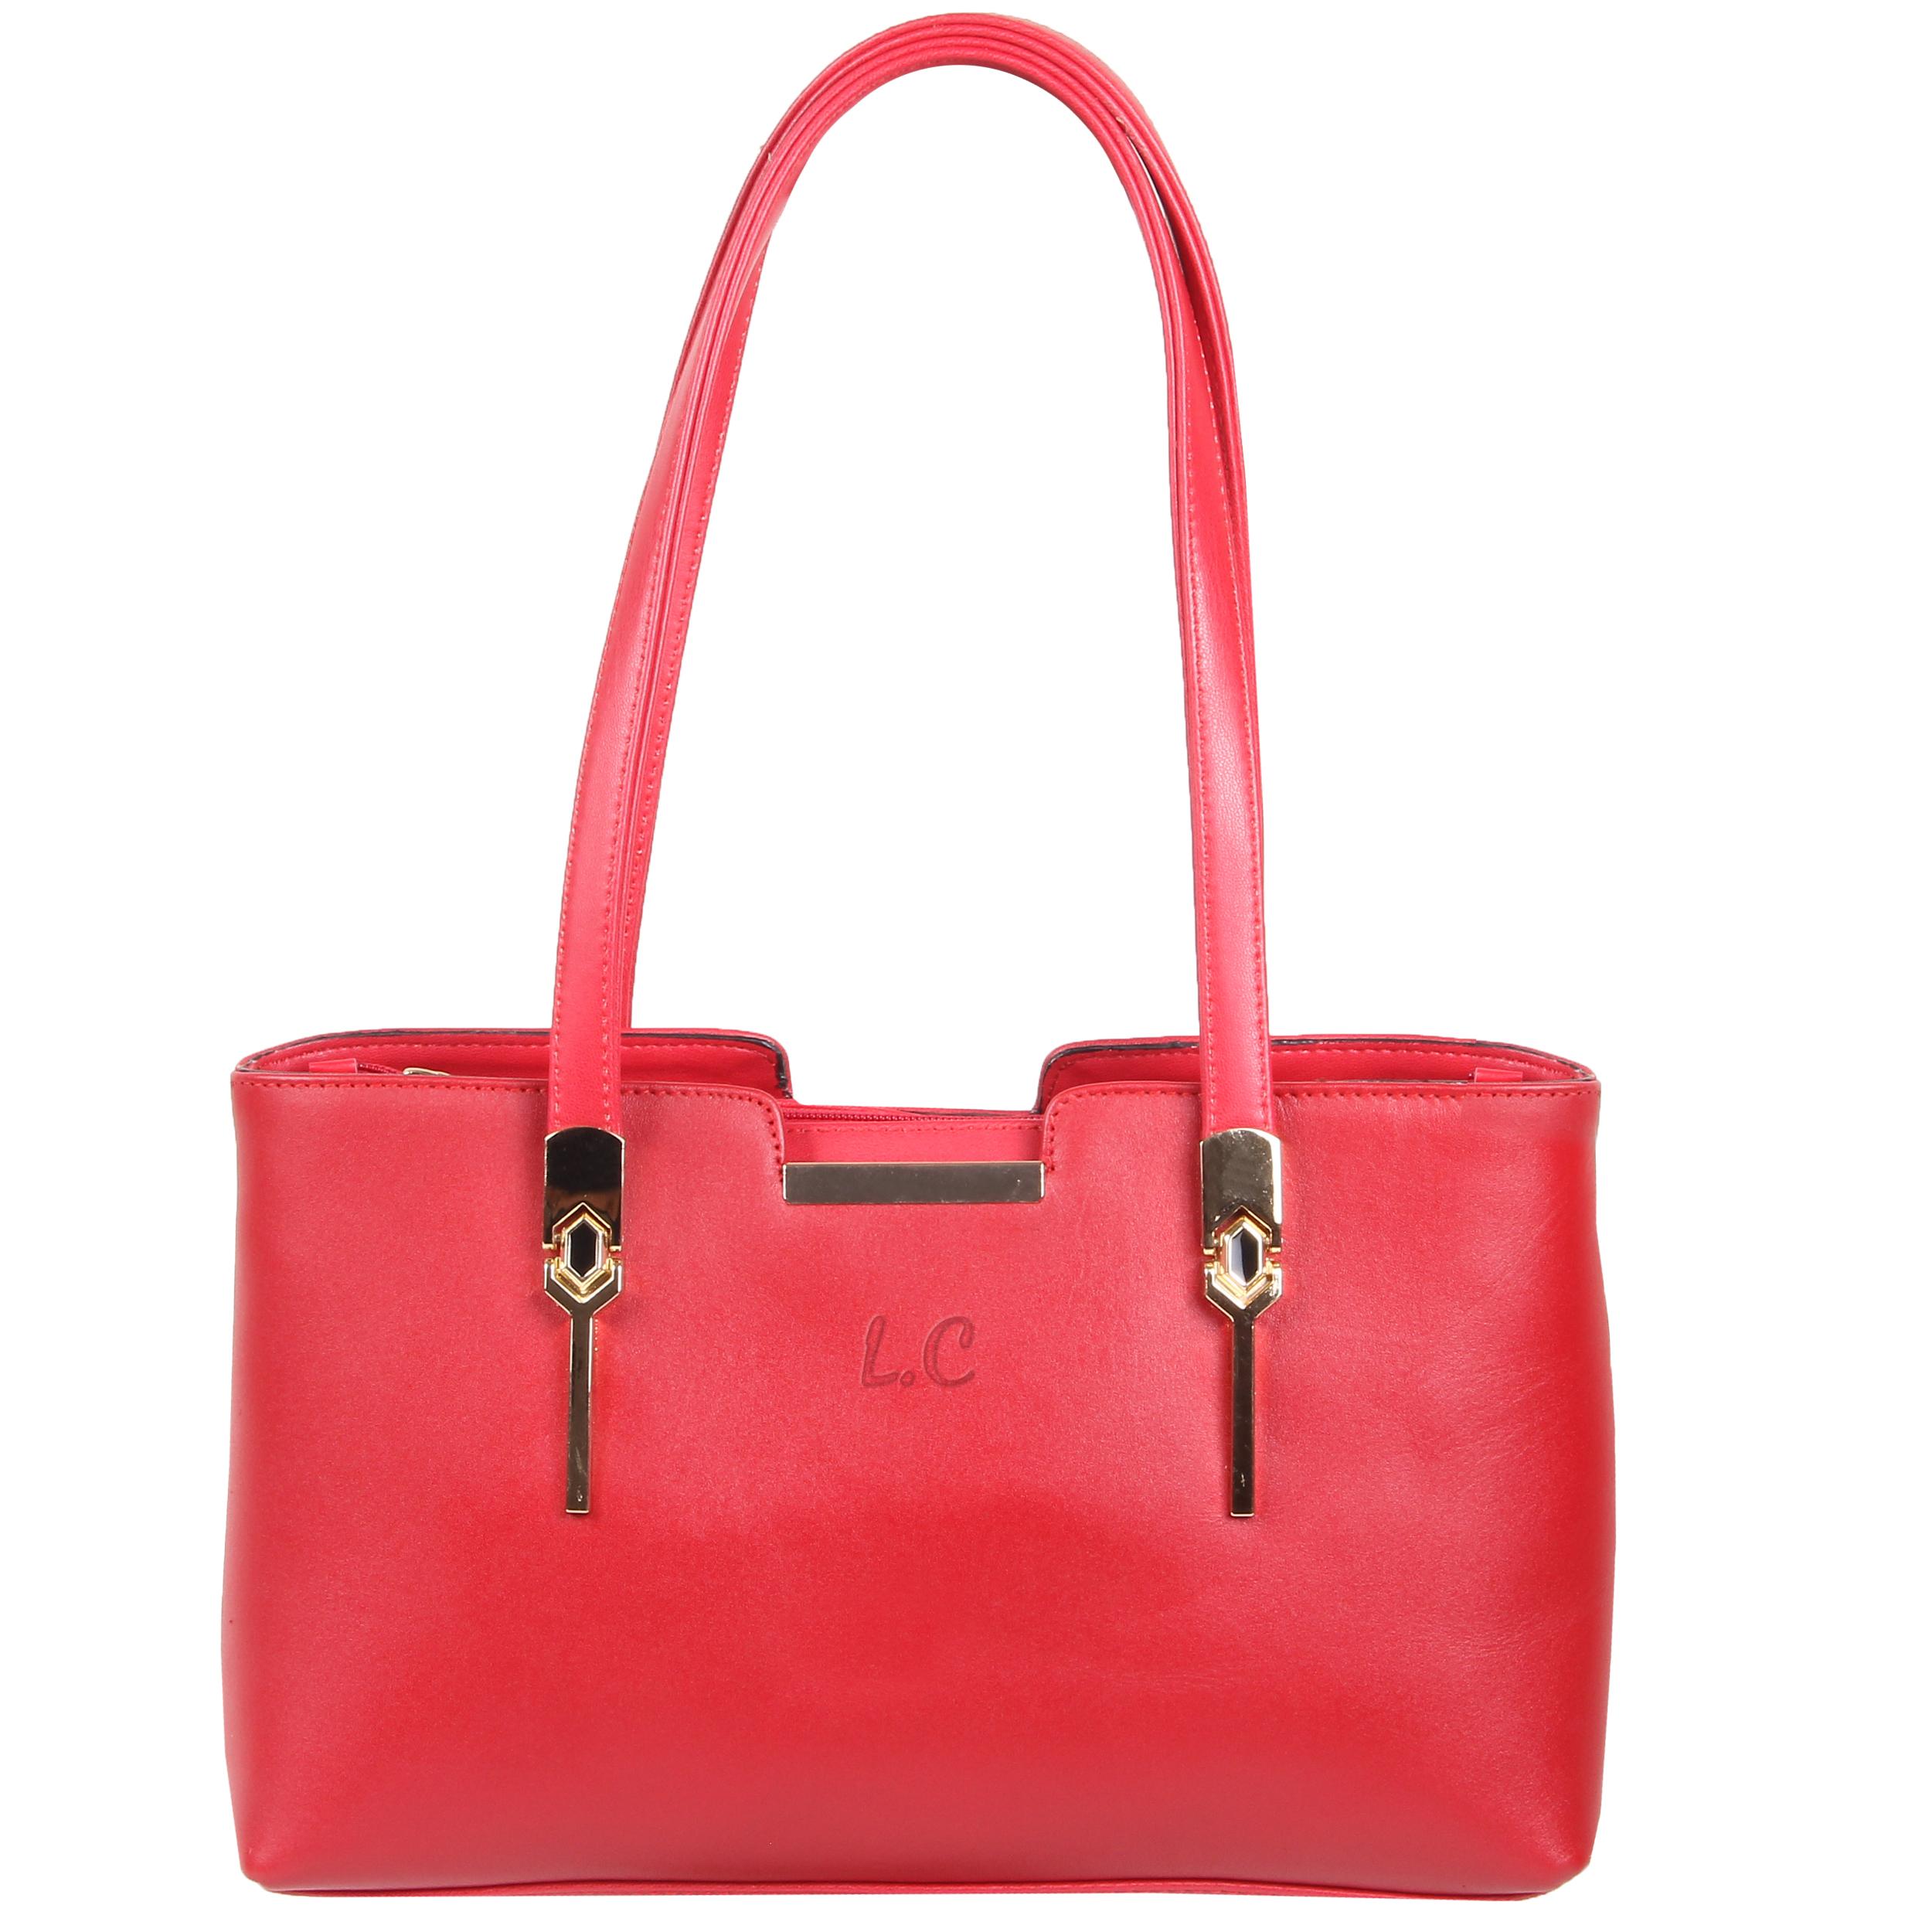 کیف دستی زنانه شهر چرم کد 111425